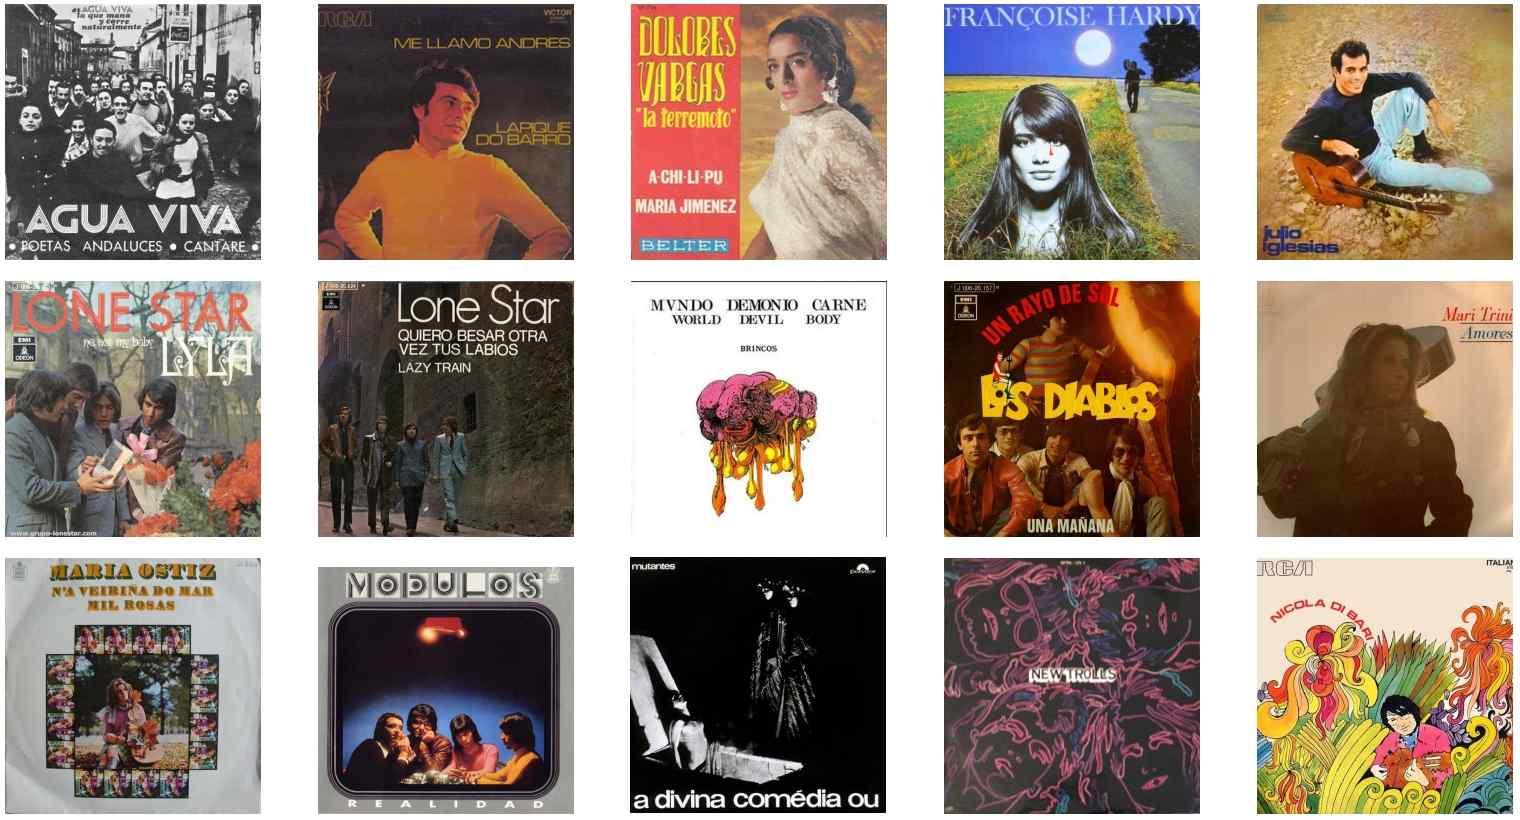 Canciones del año 1970 en español